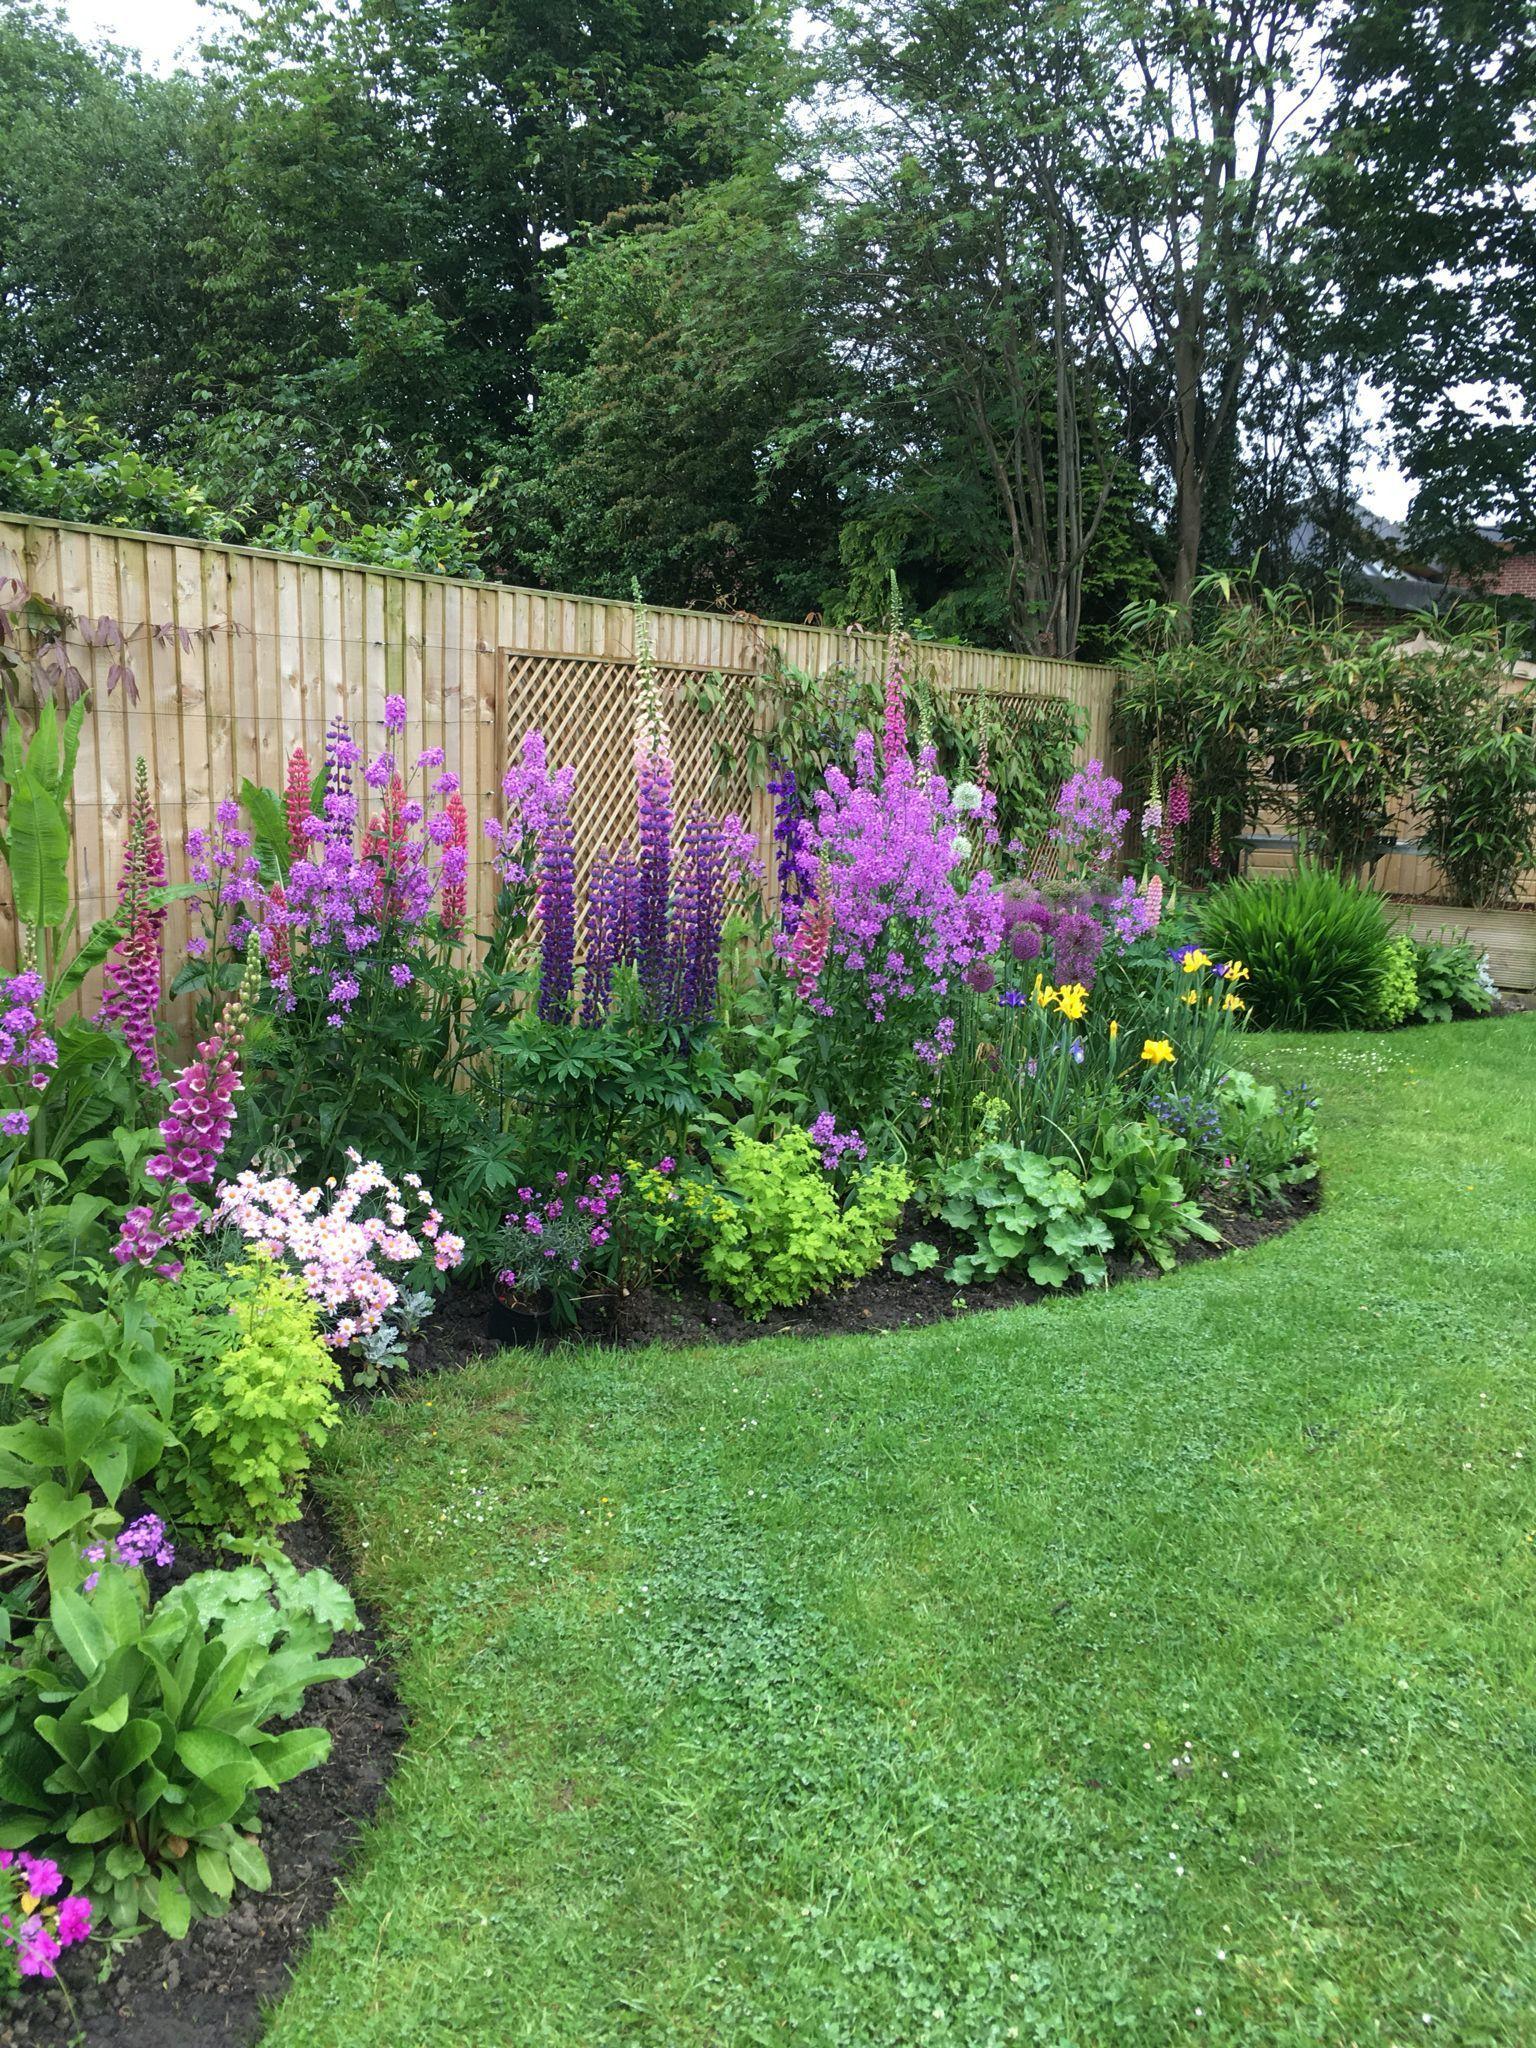 Landscaping Ideas Vegetables Backyard Landscaping Designs Yard Landscaping Front Yard Landscaping Backyard garden escape walkthrough